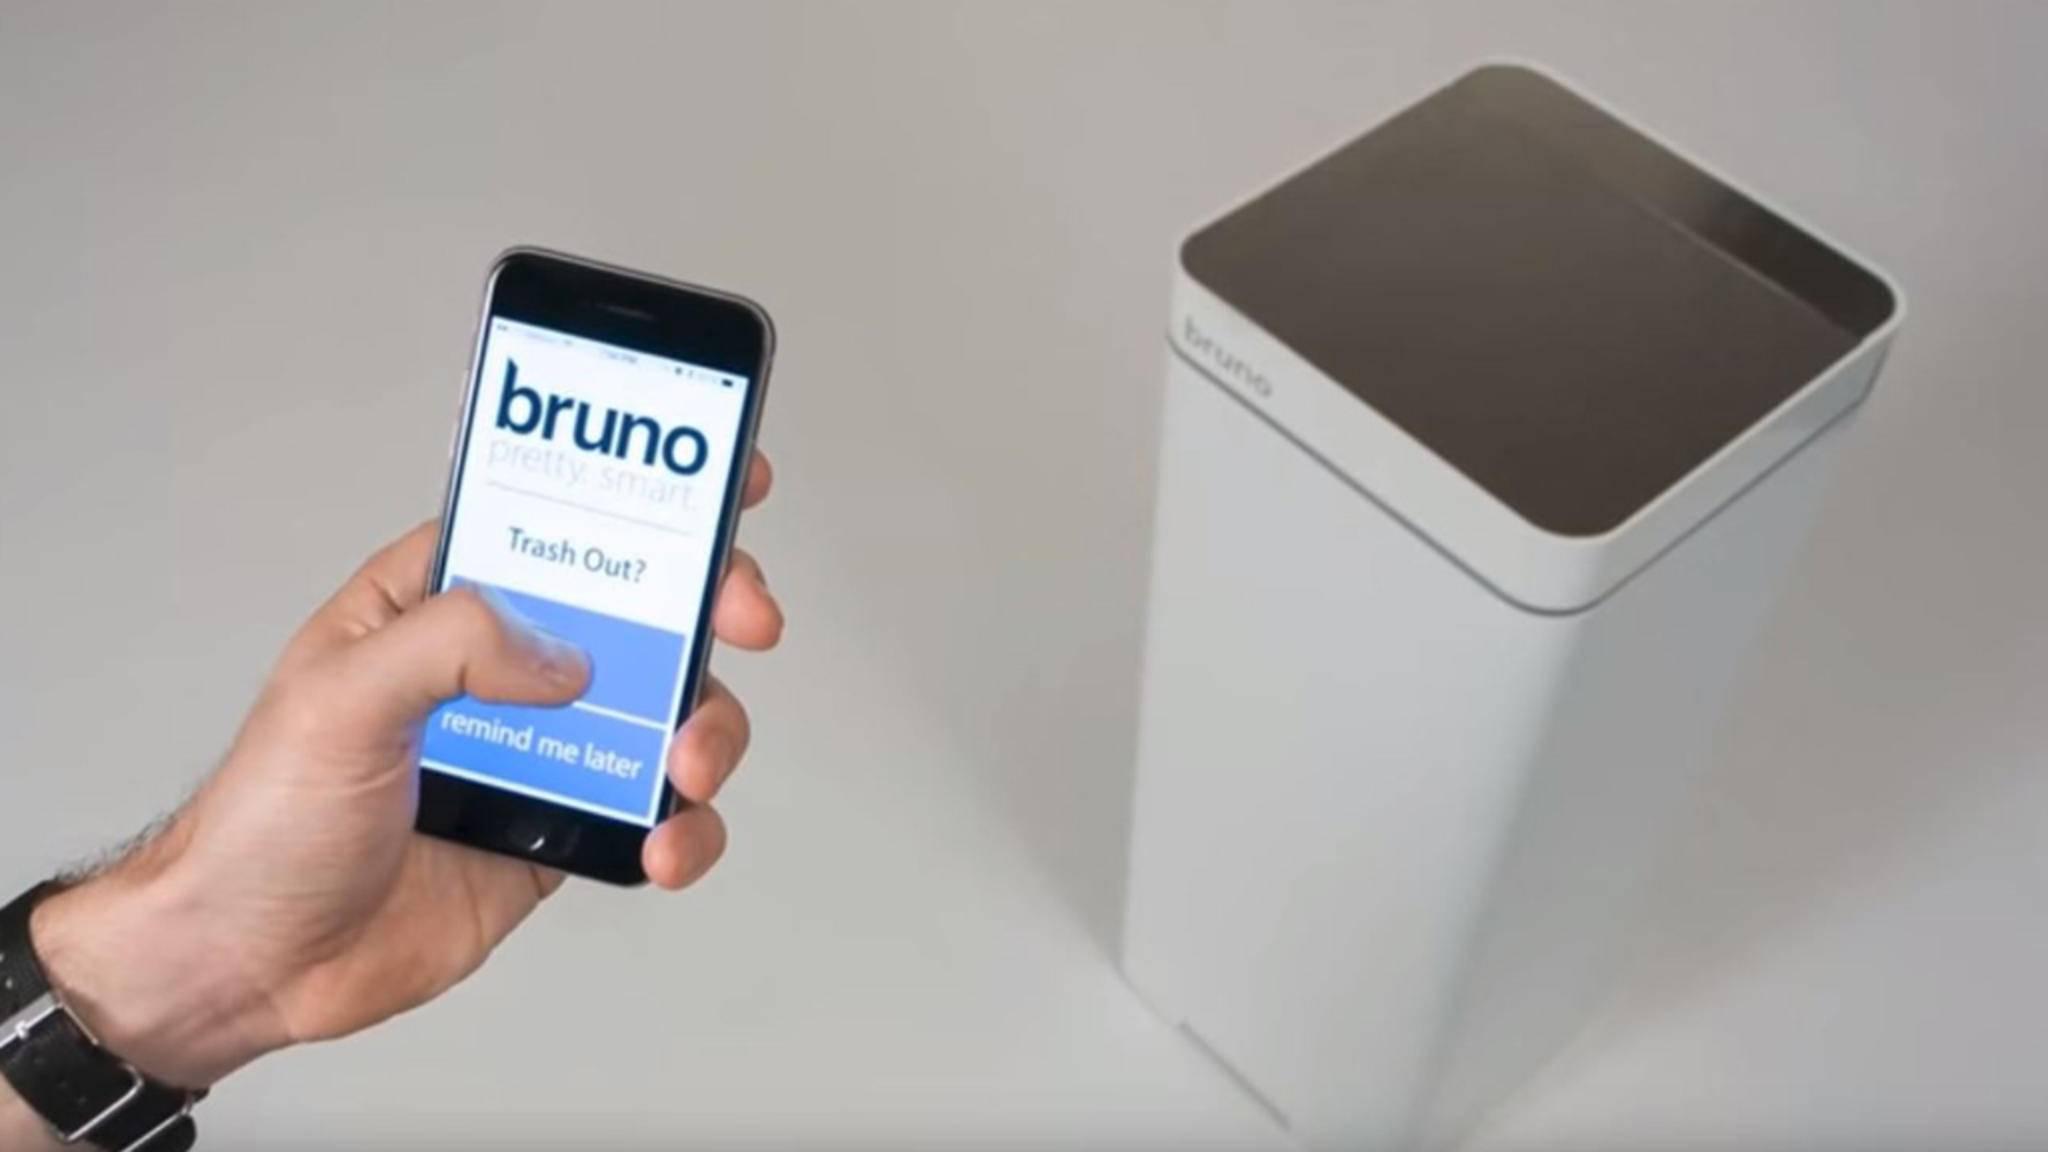 Hervorragend Technik für die Tonne: 6 smarte Mülleimer für die Entsorgung 2.0 TY46